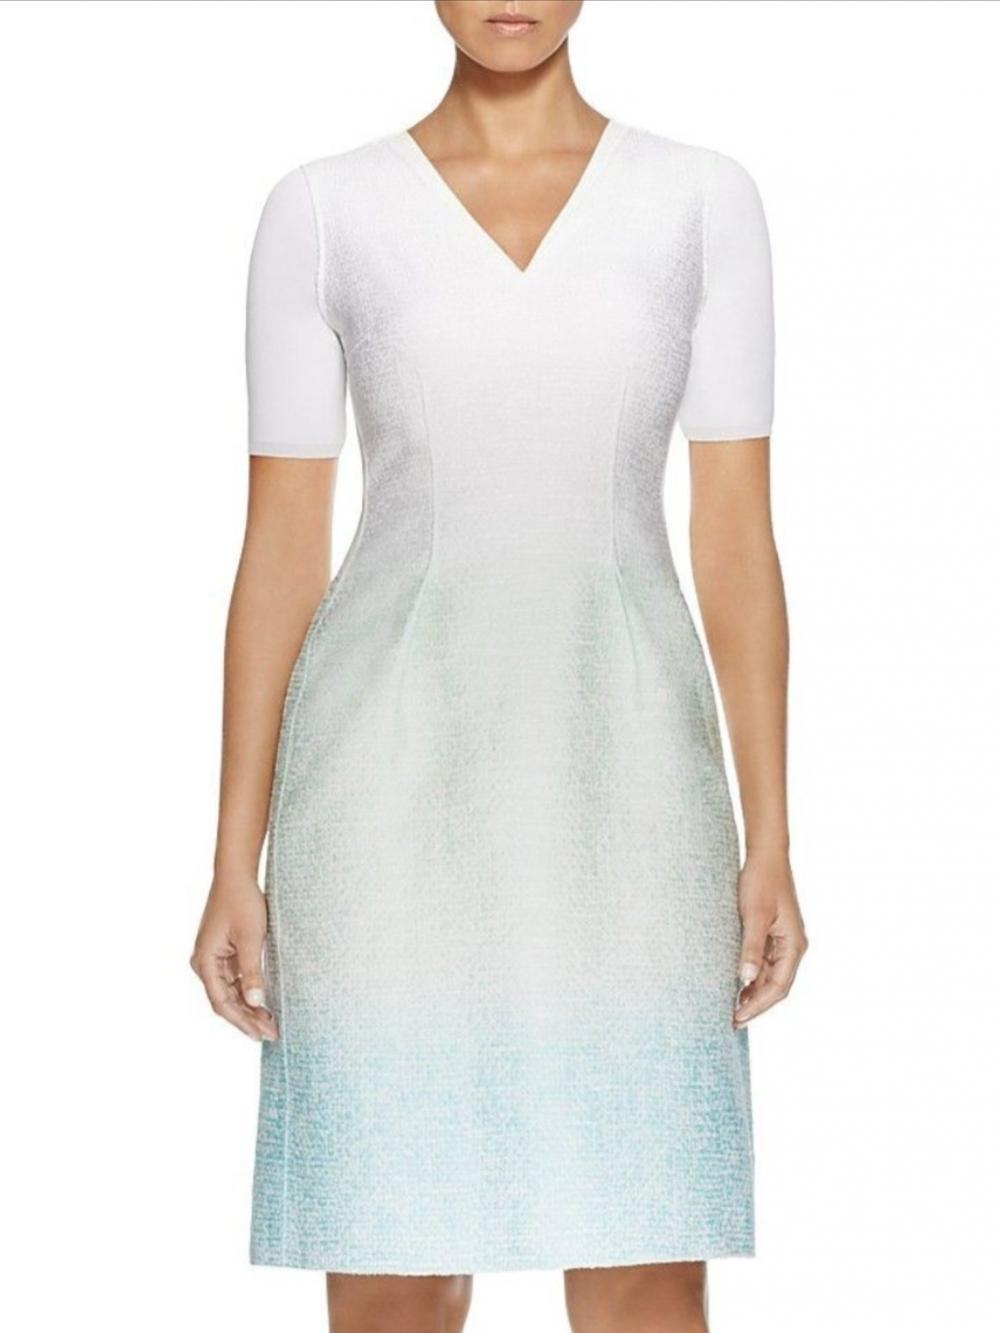 Платье Elie Tahari, 2 (us), русский размер 42